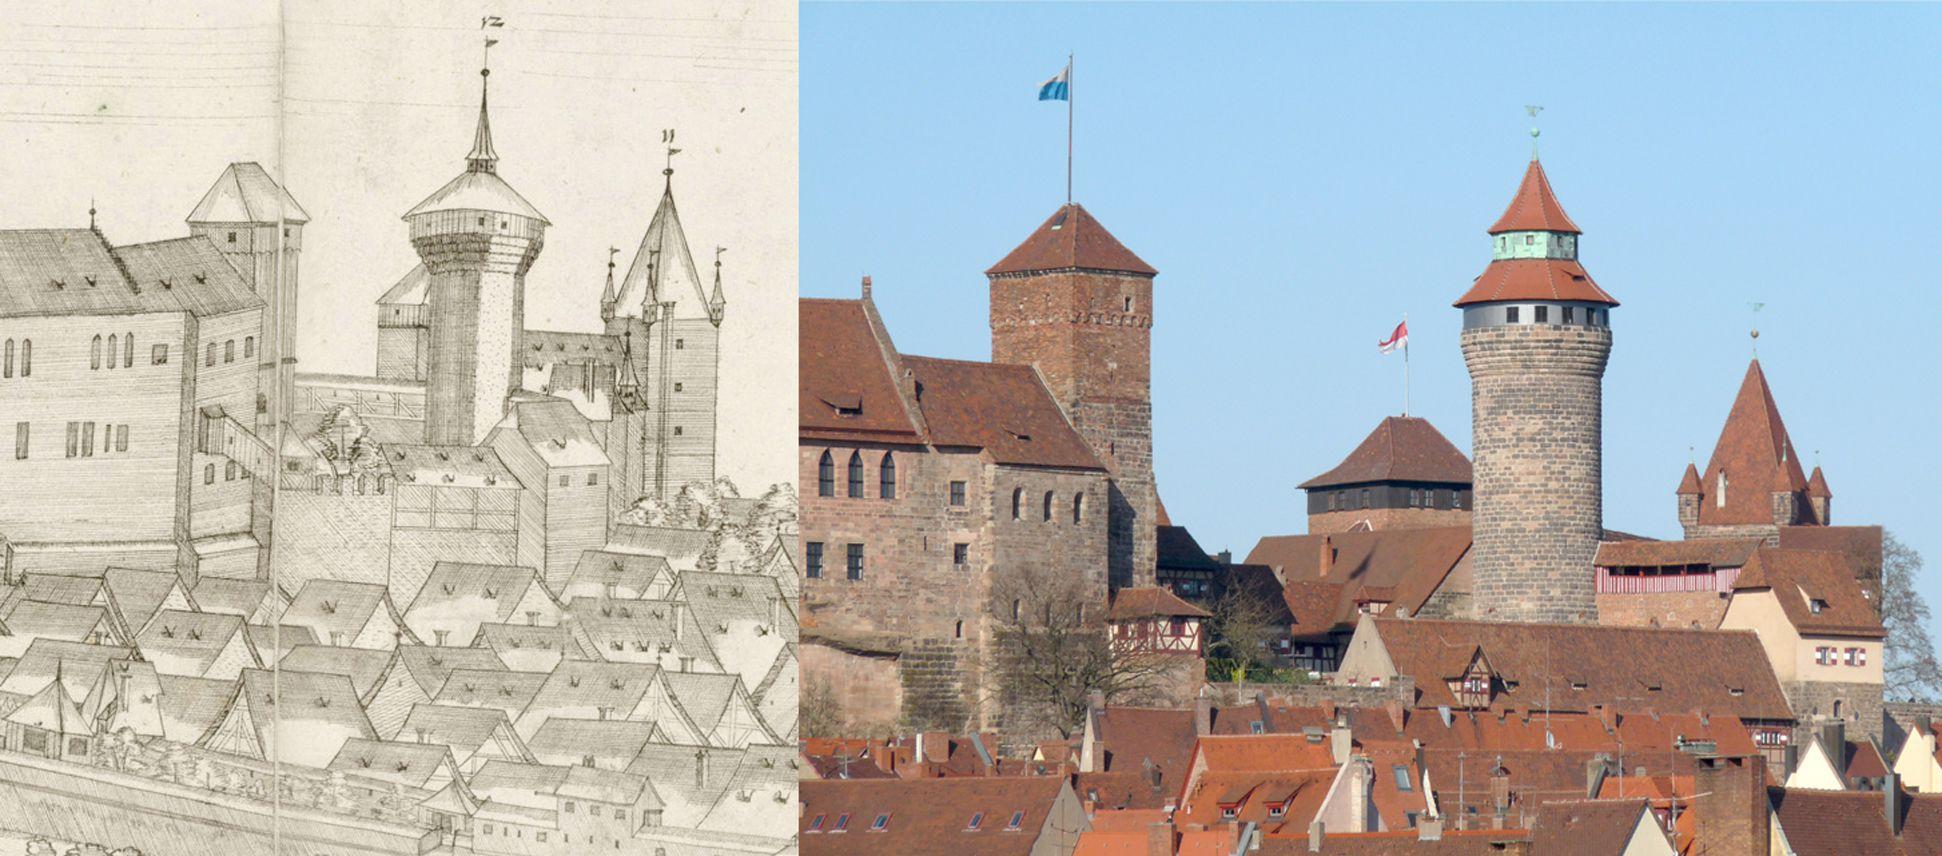 Panoramadarstellung der Stadt Nürnberg von Westen Gegenüberstellung Detail Burg und heutiger Zustand